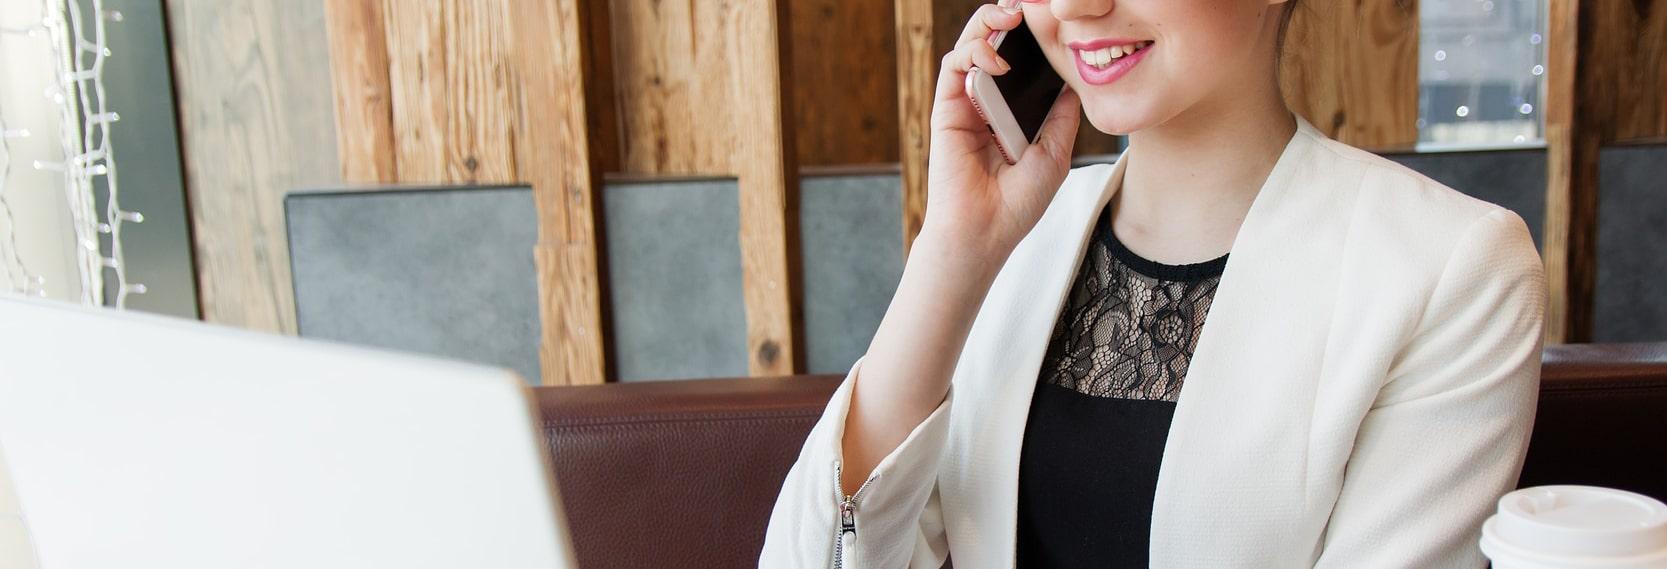 美容動画求人tocoroni(トコロニ)|電話サポートサービス